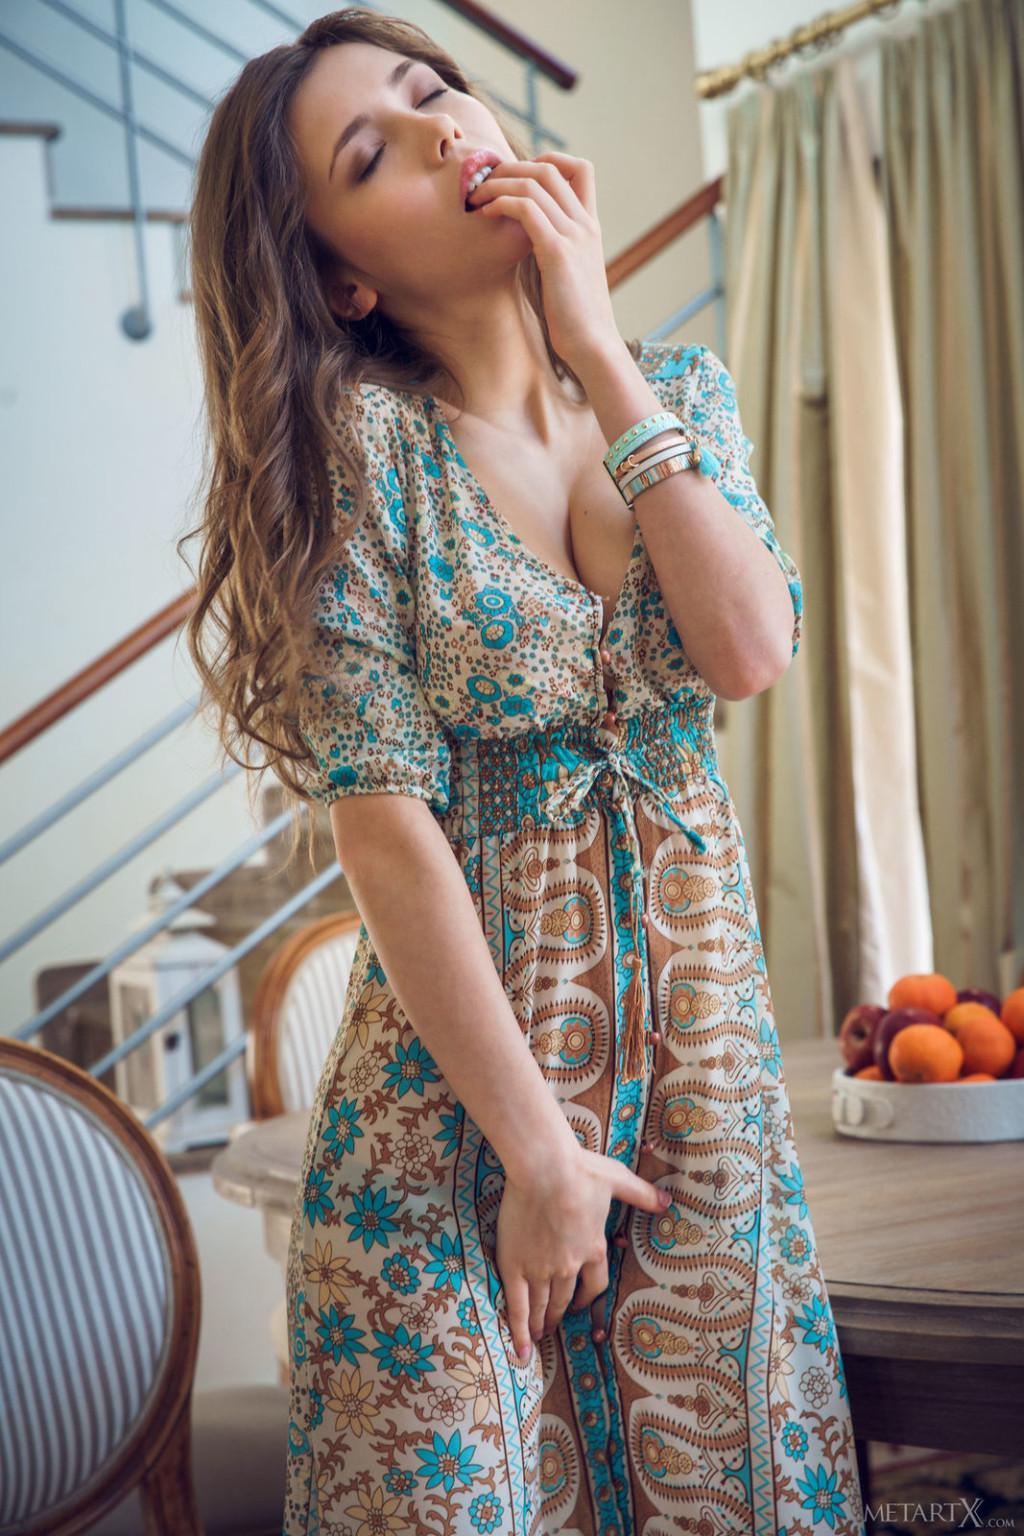 Alexis Texas Anikka Albrite